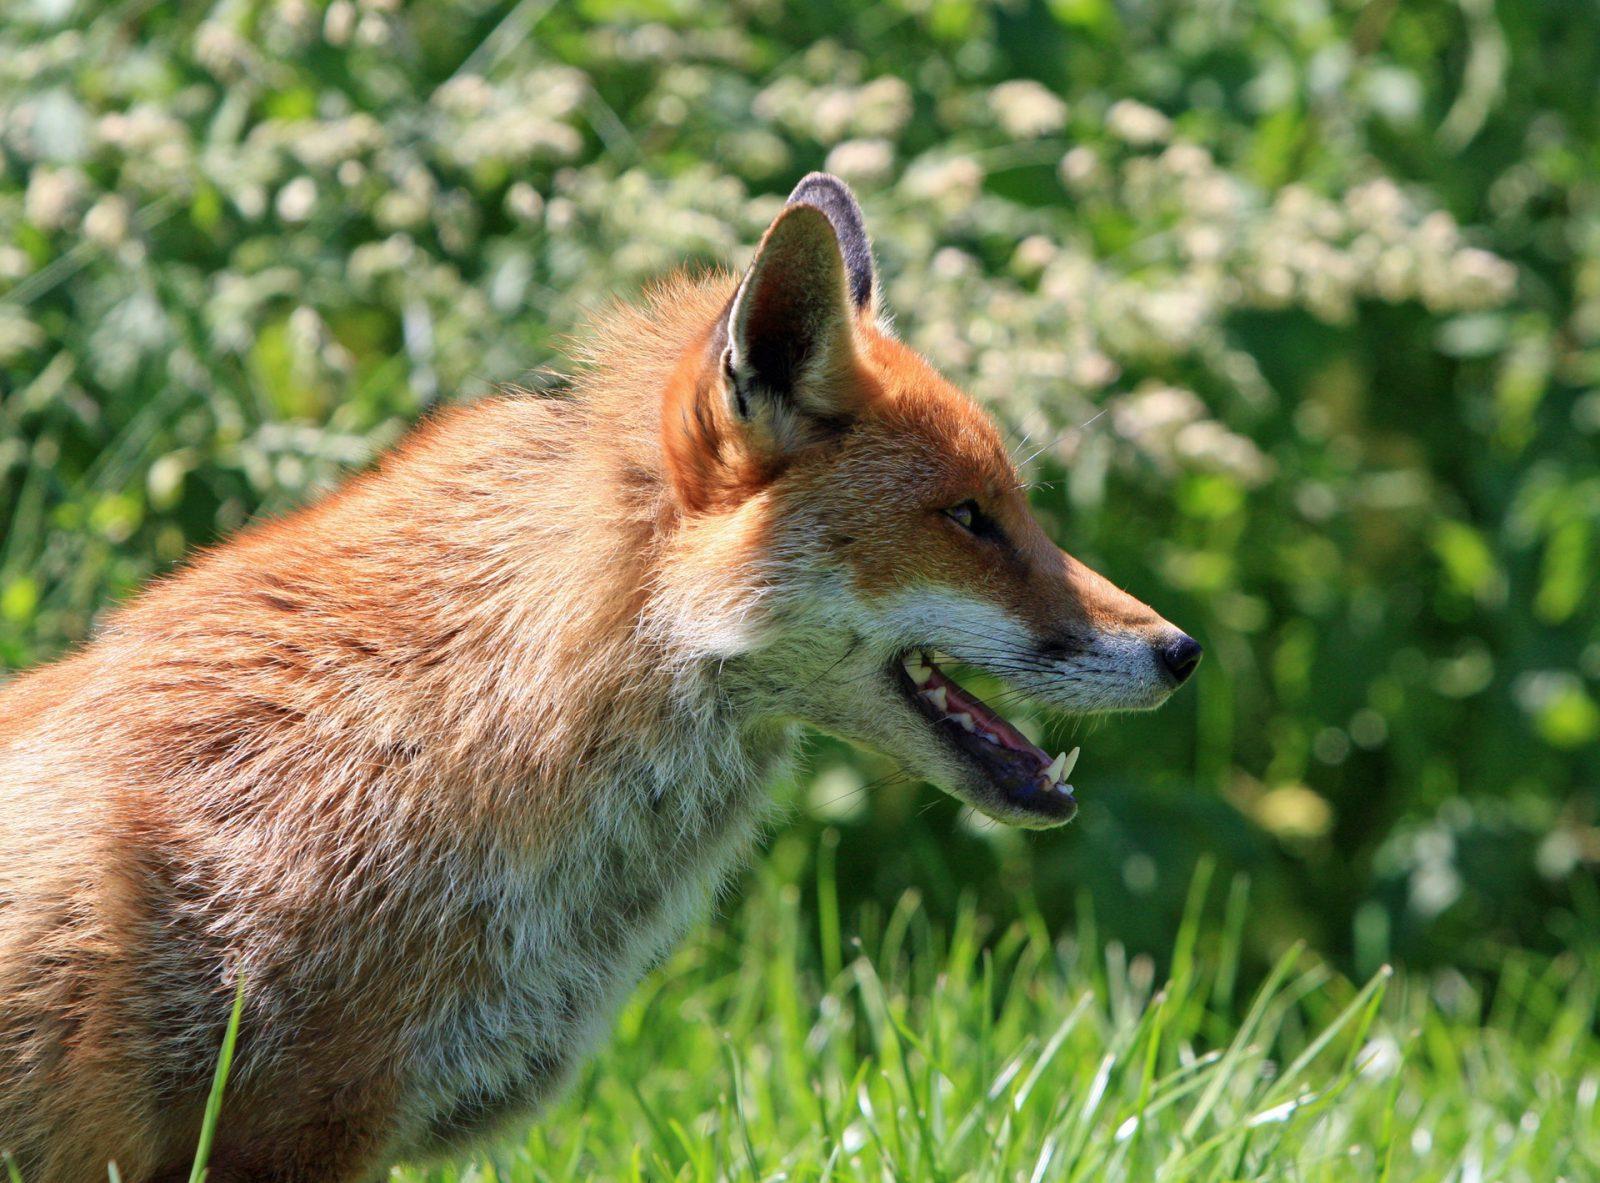 Sonhar com raposa sendo pega é aviso de que alguém planeja te enganar.